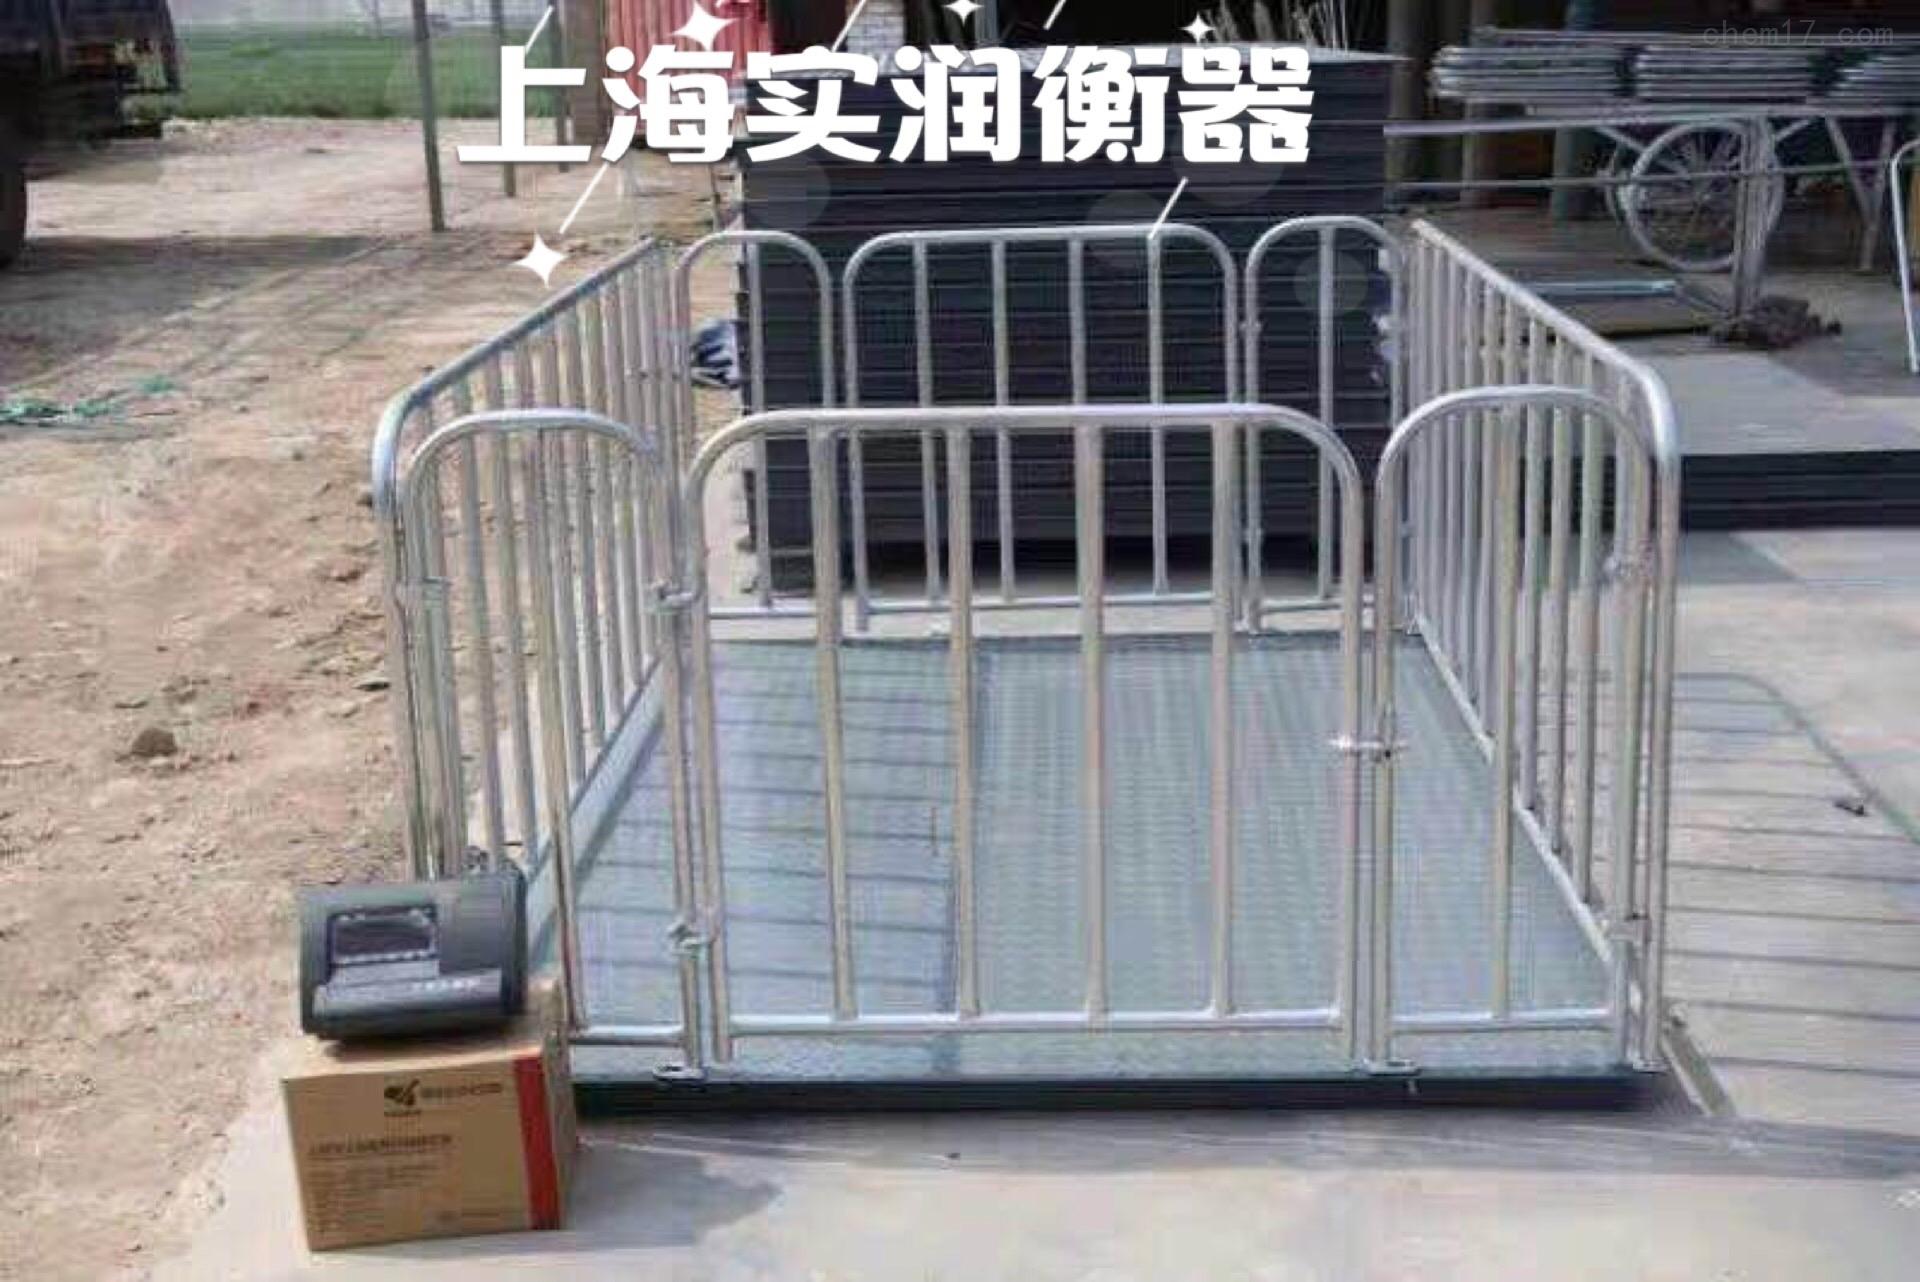 畜牧行业牲畜电子秤、电子围栏秤